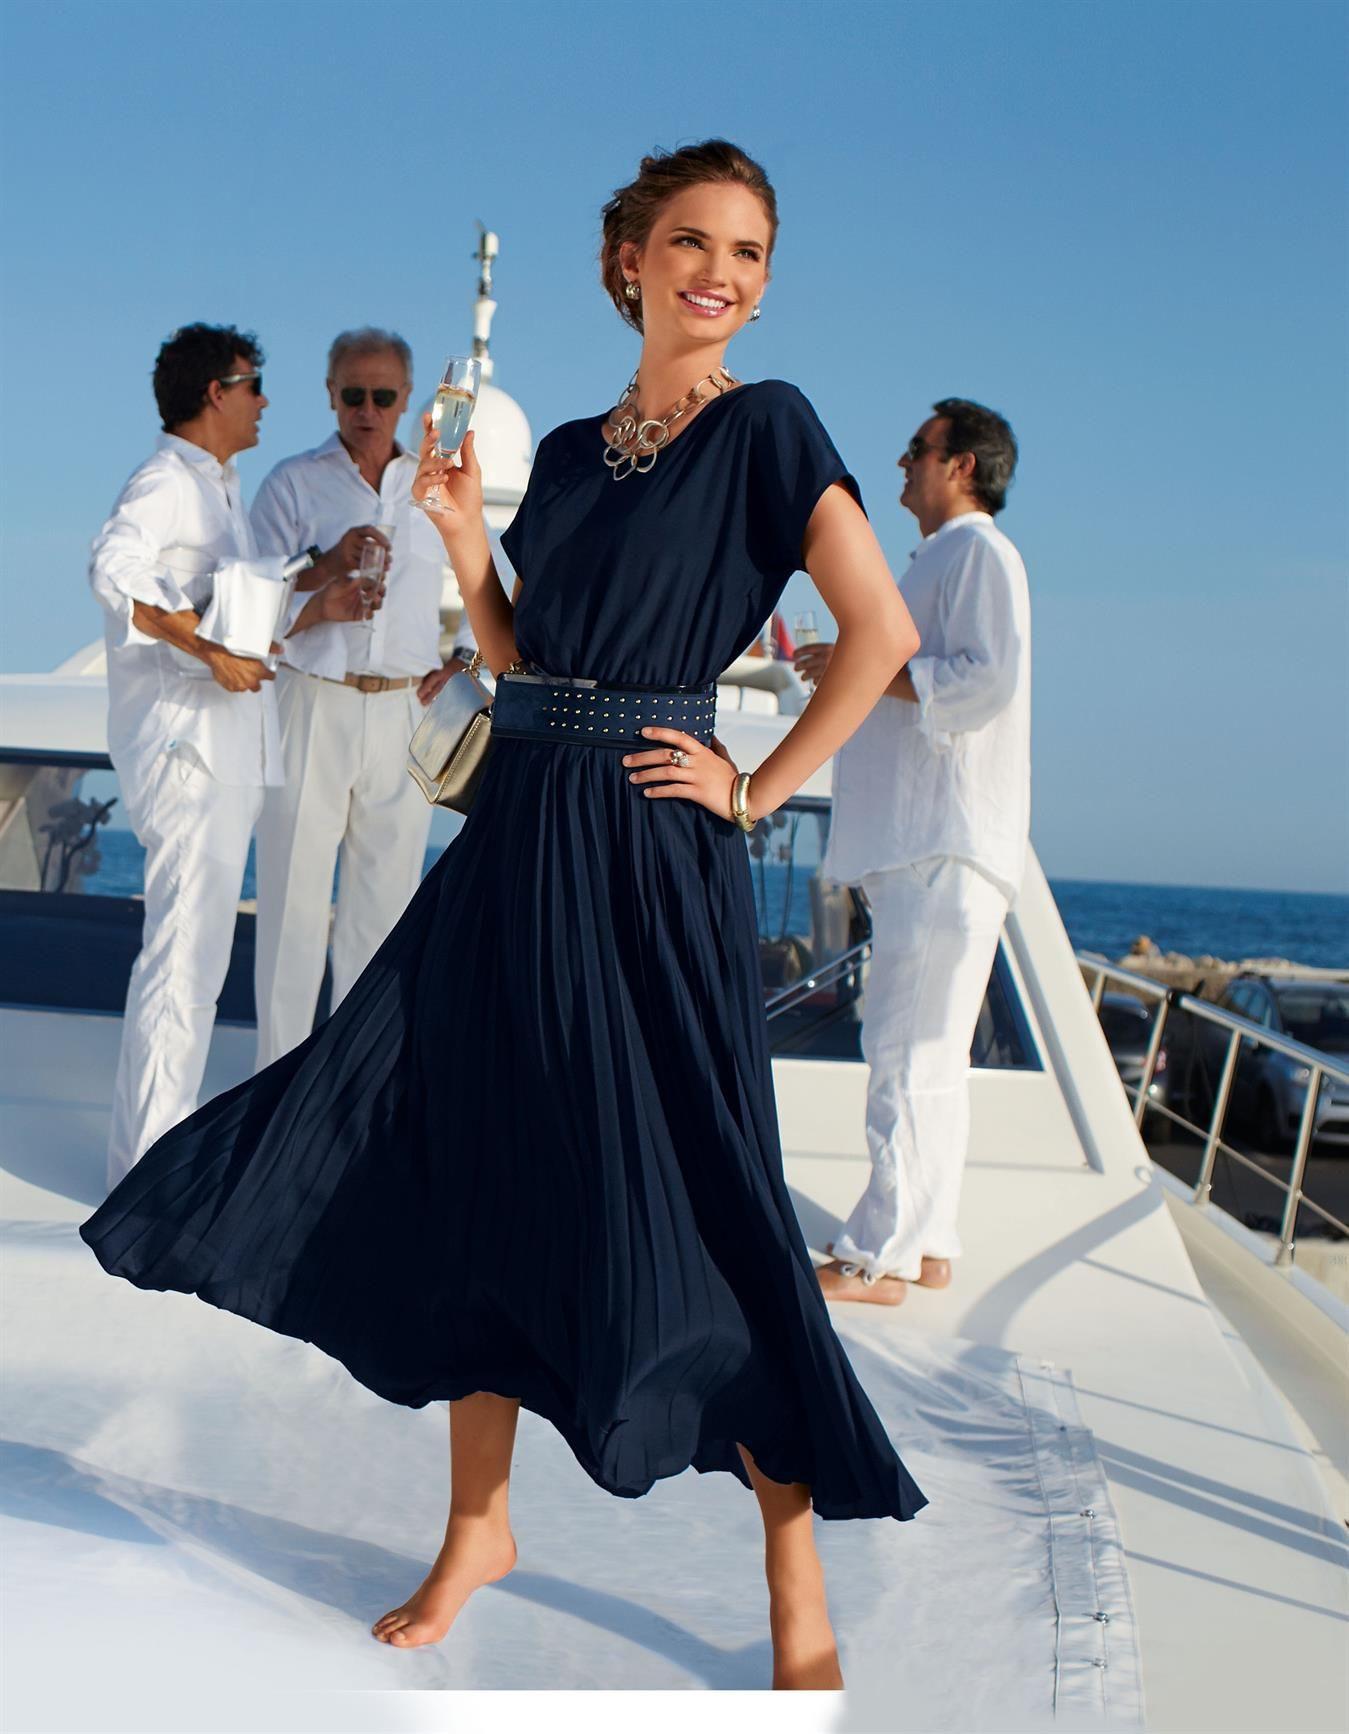 Langes Kleid Mit Plissee In Der Farbe Marine - Blau - Im